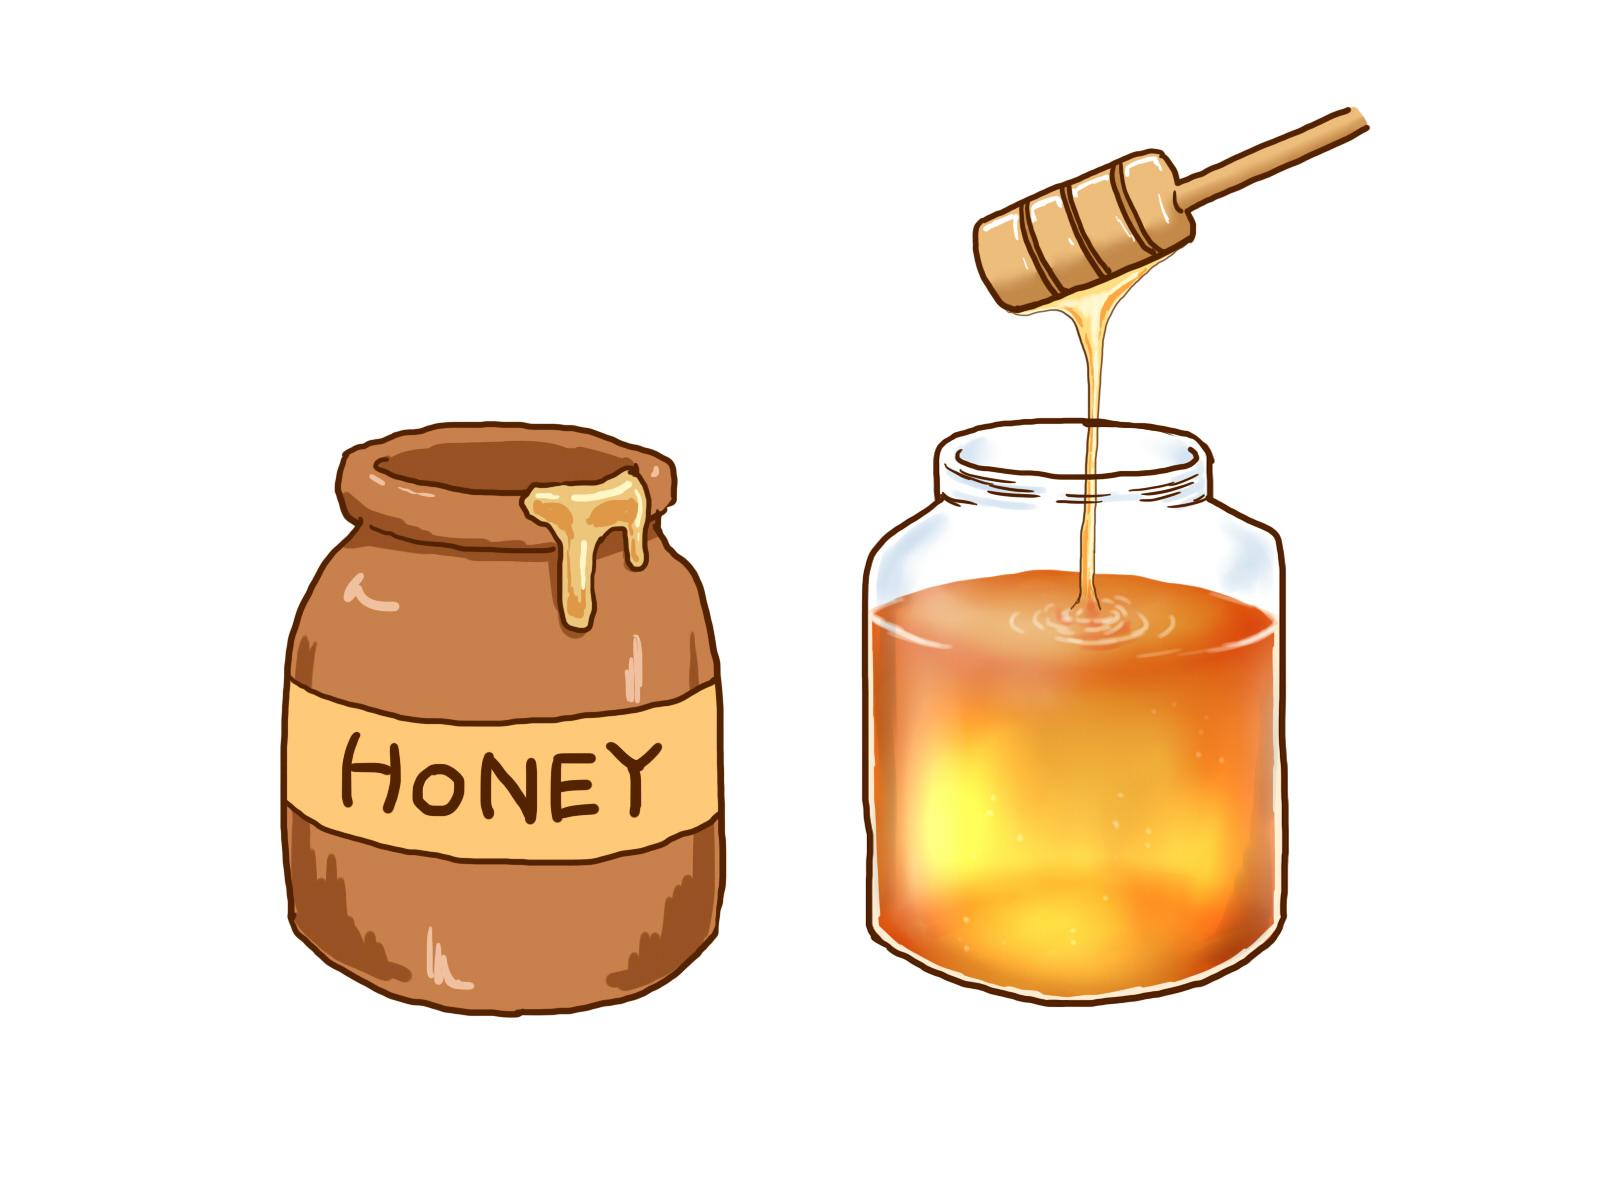 はちみつで善玉菌を増やす!整腸作用に注目。お砂糖の代わりに使ってみよう